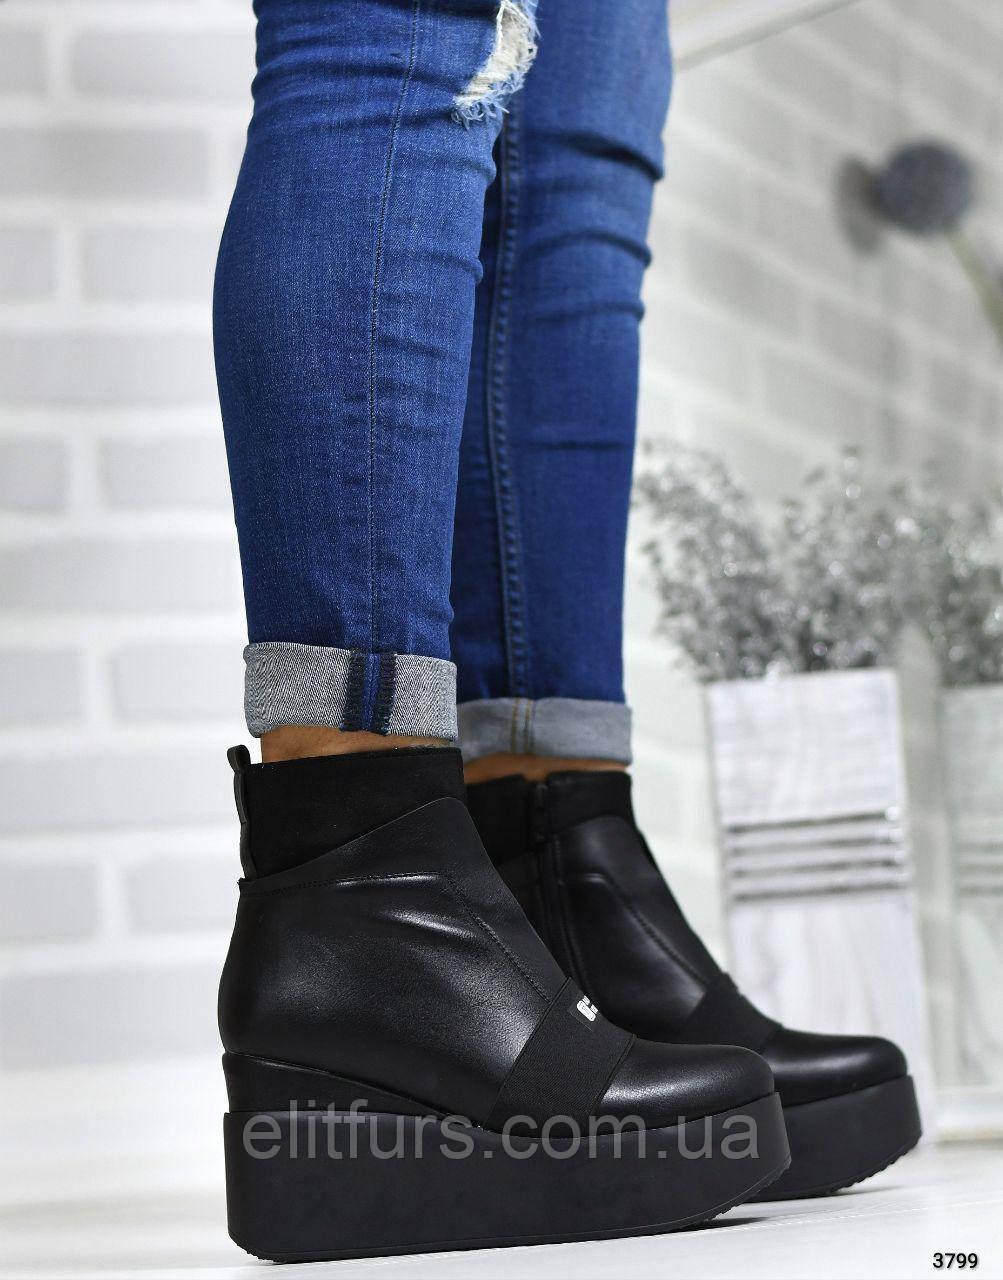 Ботинки демисезонные на высокой платформе, эко-кожа